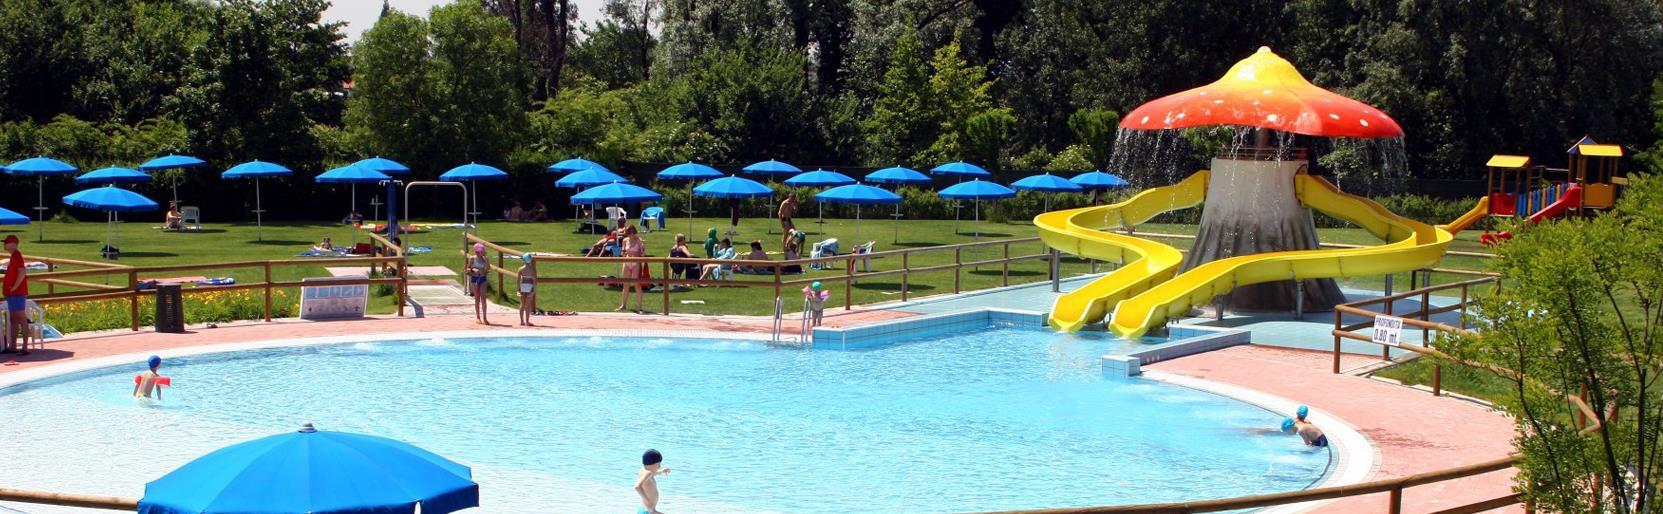 Immagini piscine simple facebook with immagini piscine - Del taglia piscine prezzi ...